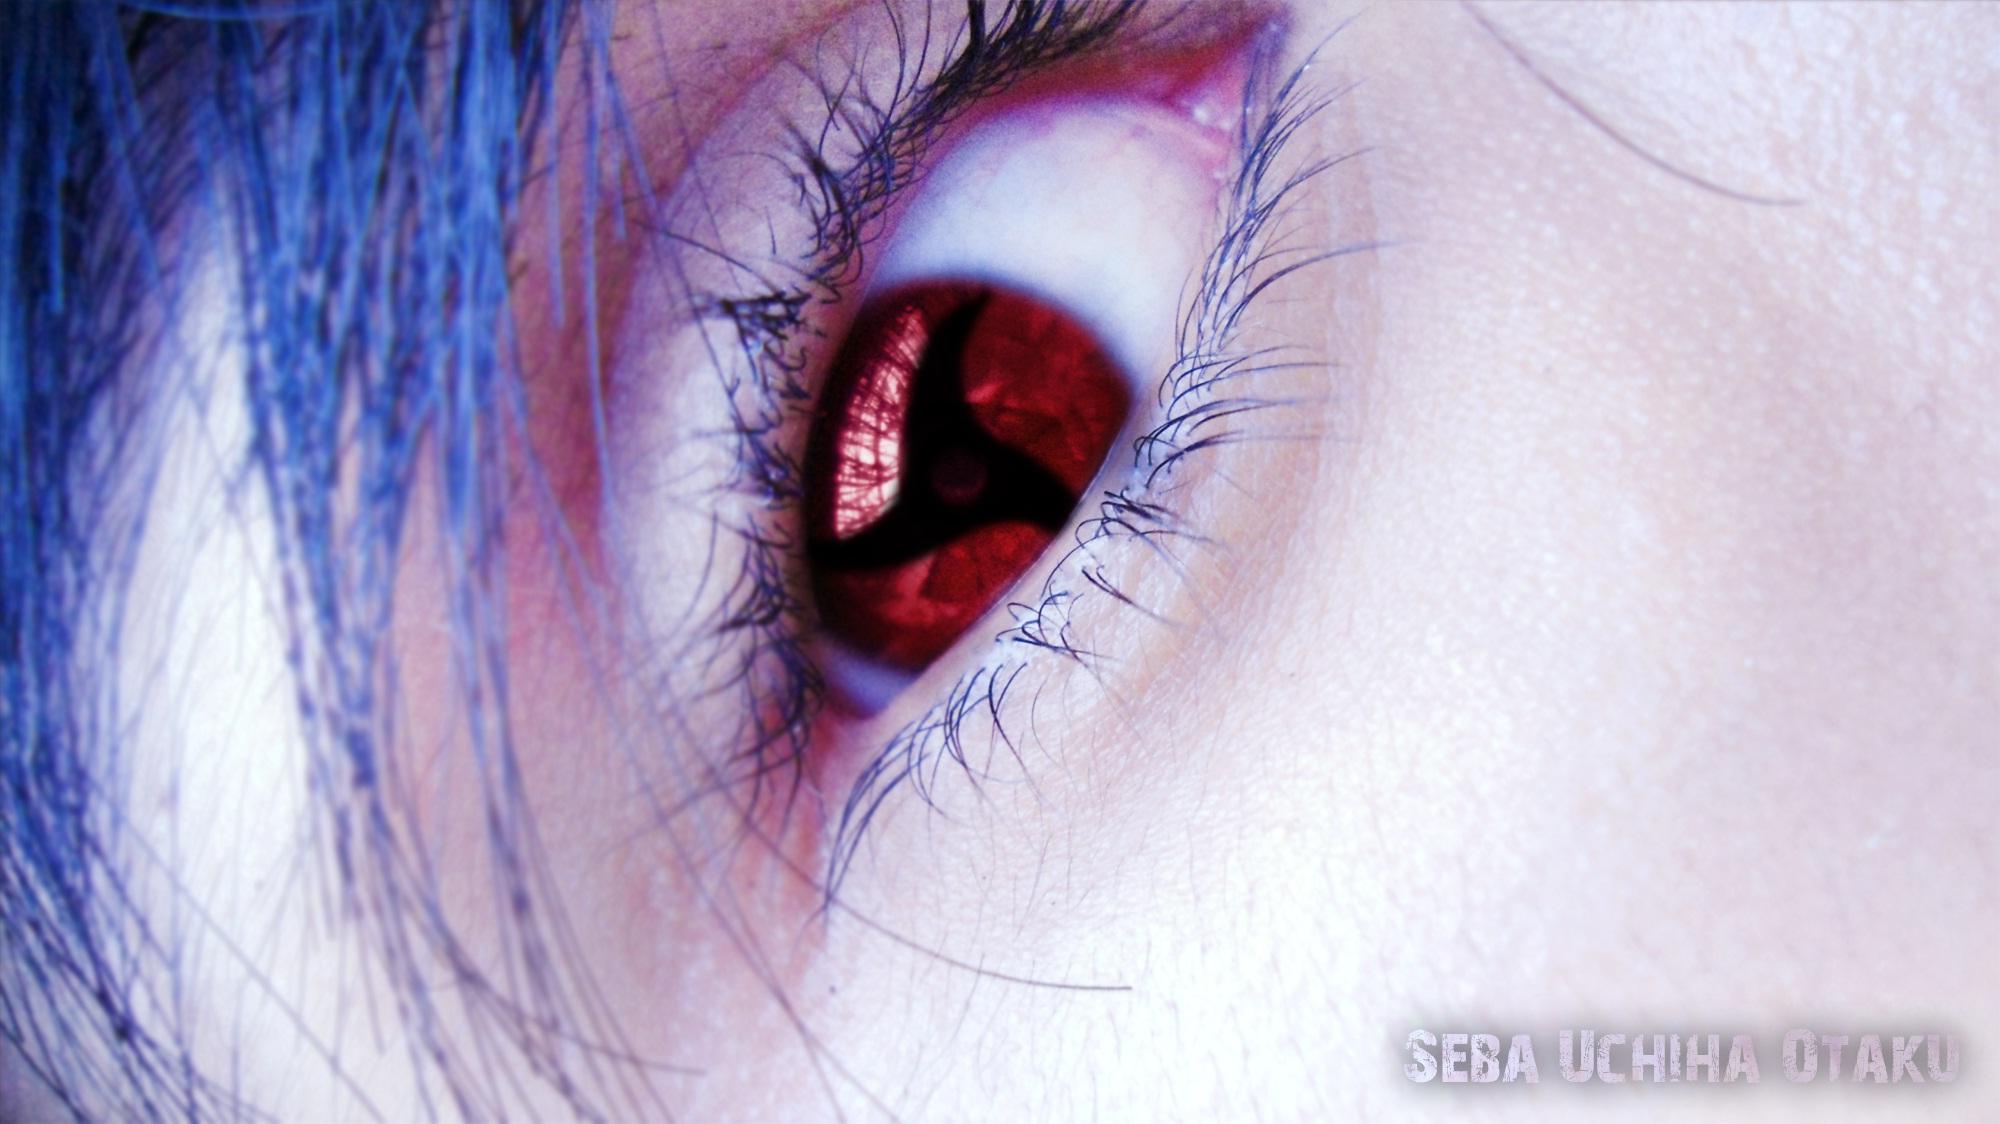 MS Itachi by seba1496